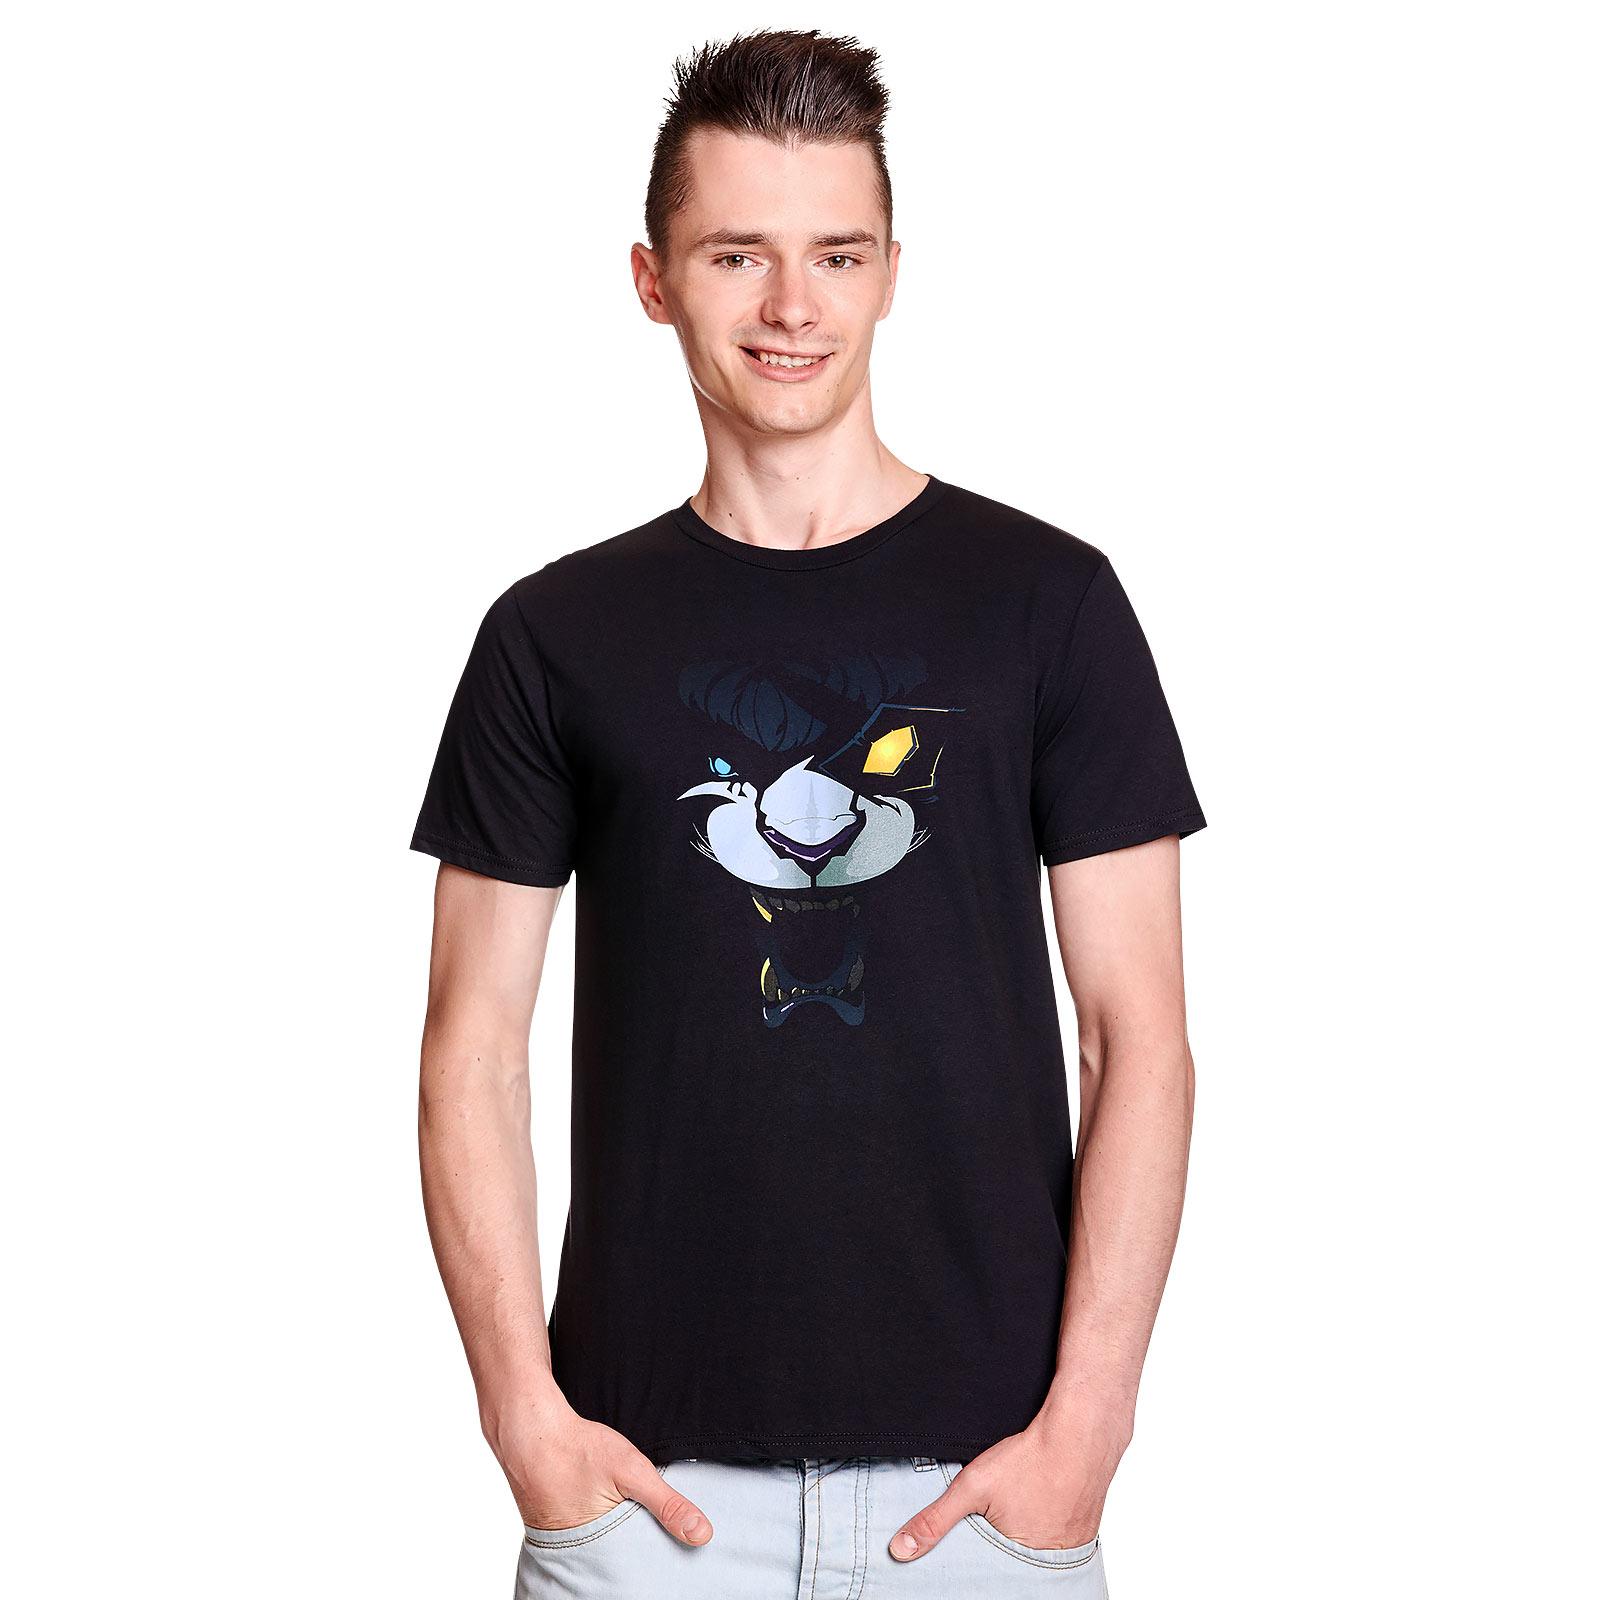 League of Legends - Rengar in the Shadows T-Shirt schwarz